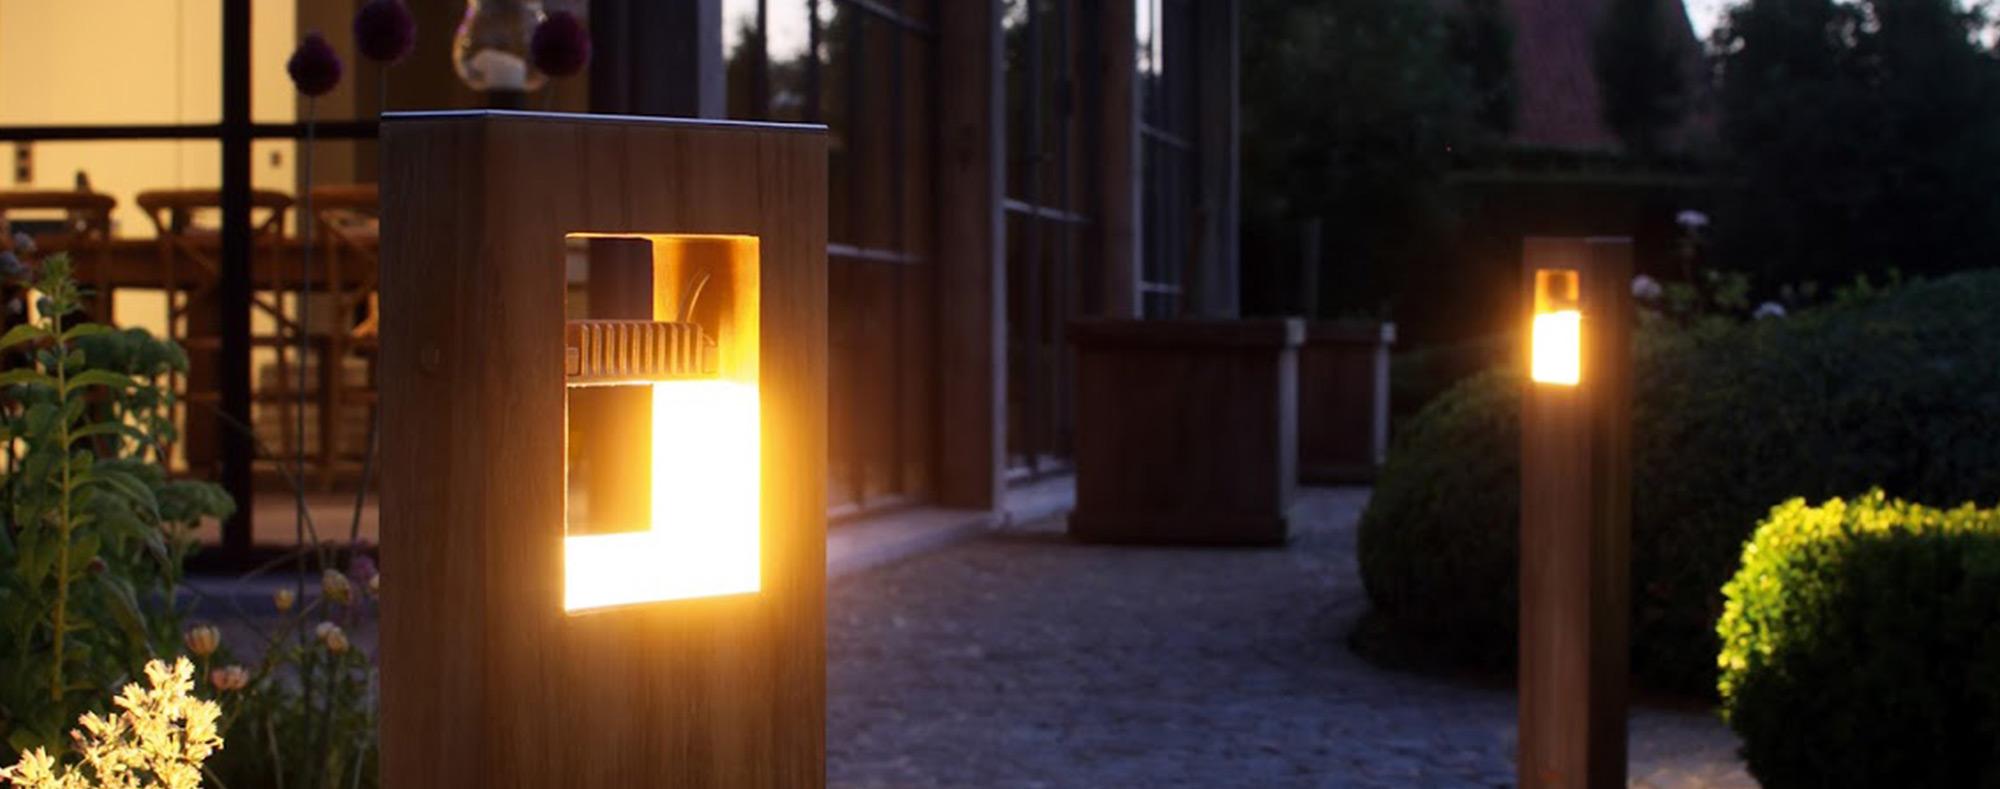 Illuminating Garden Lighting Ideas: Setting the Scene